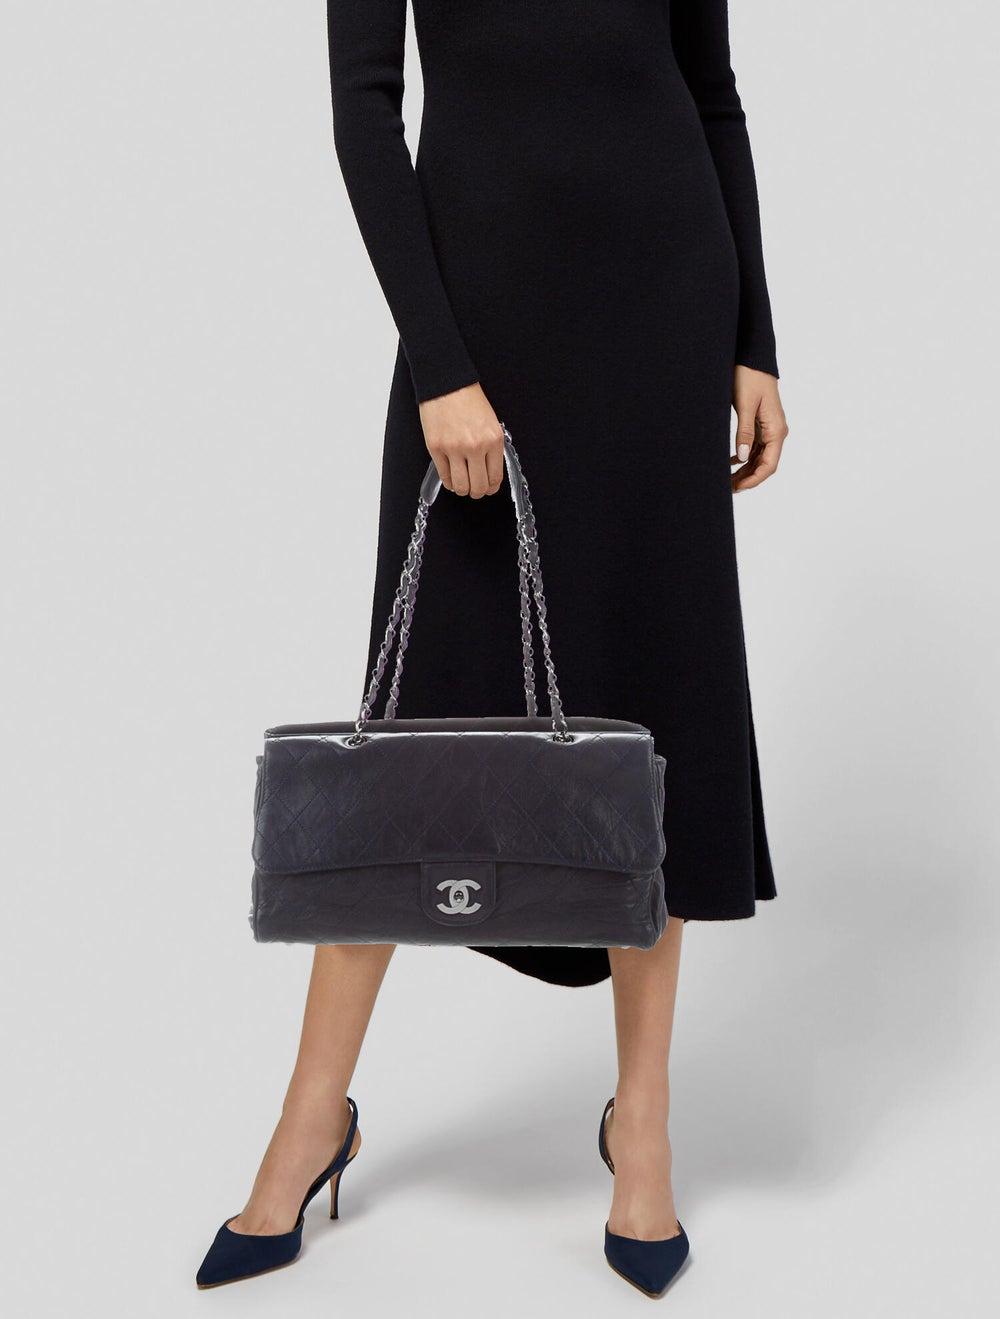 Chanel Ritz Flap Bag Blue - image 2